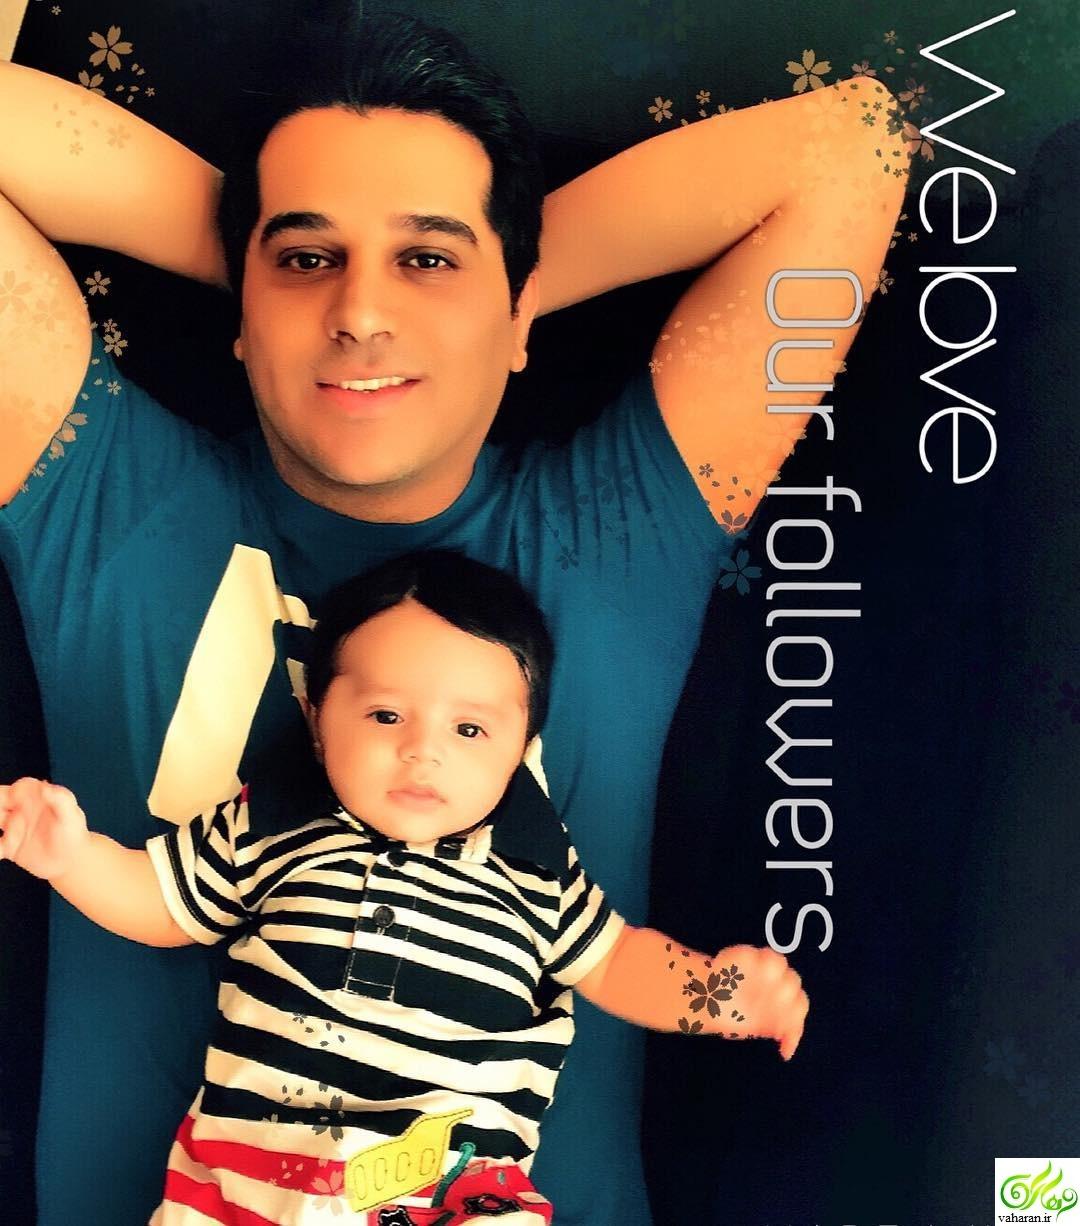 حمید عسکری مهمان برنامه خندوانه ۱۰ فروردین ۹۶ بیوگرافی و عکسهای حمید عسکری و همسرش و پسرش